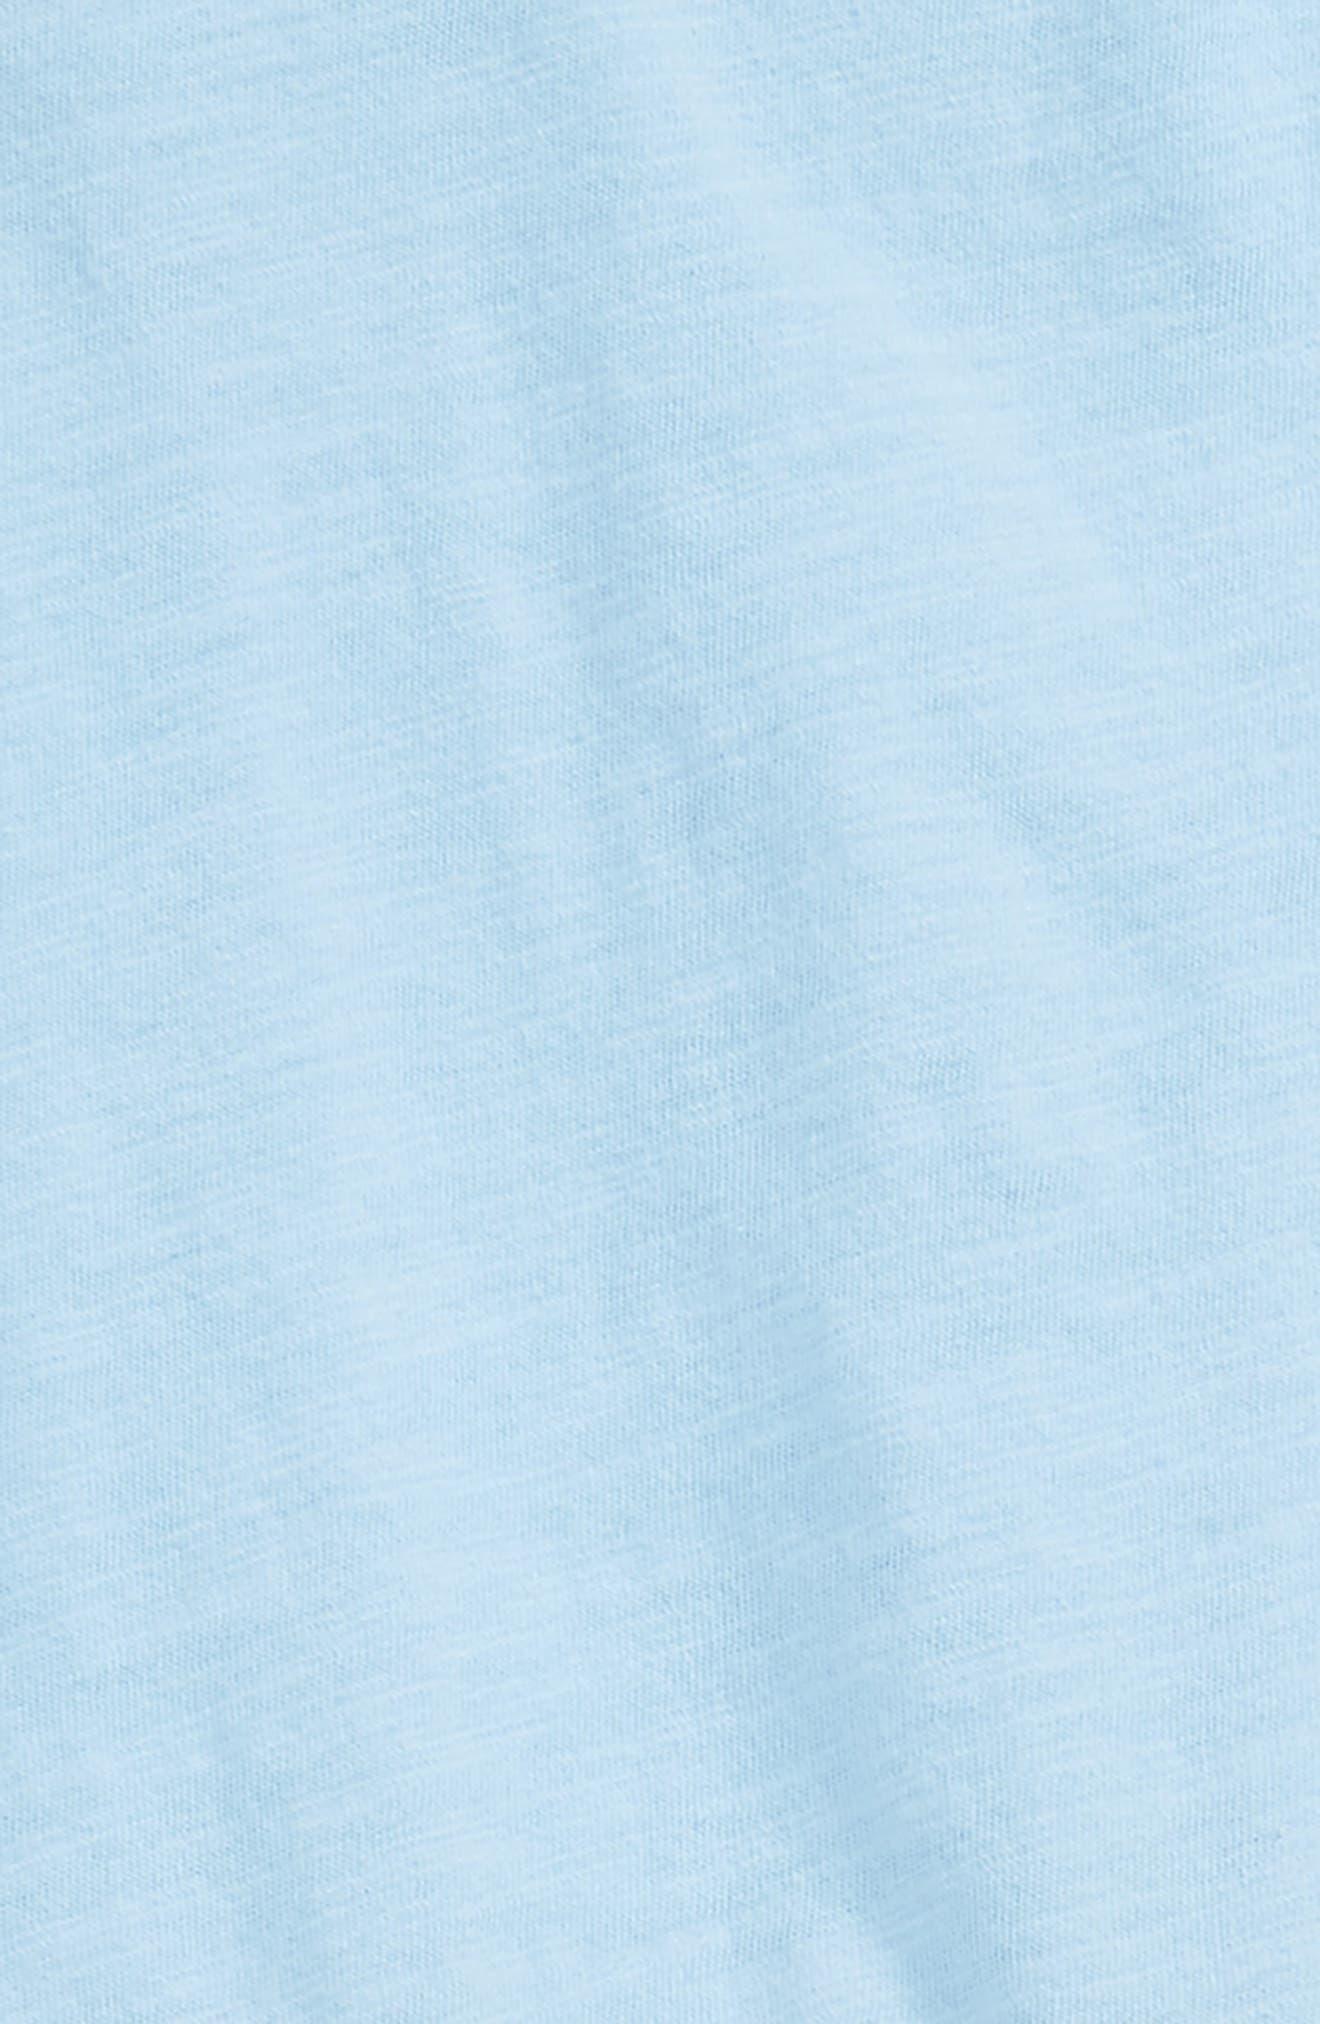 Dip Dye Top & Leggings Set,                             Alternate thumbnail 2, color,